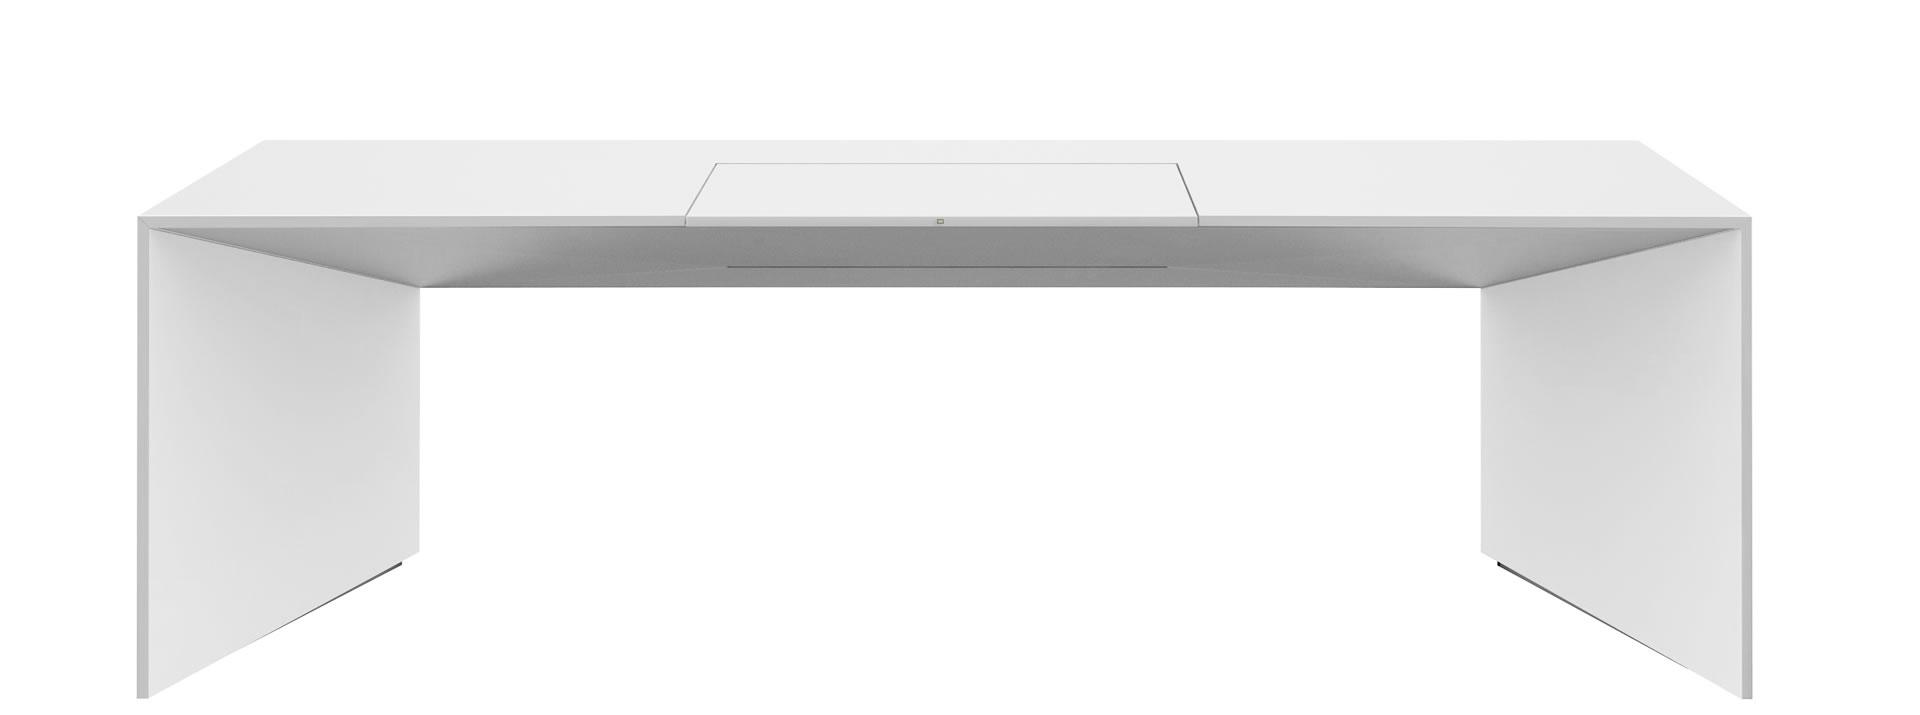 Blackhawk Sekretar Schreibtisch Design: Uncategorized Schönes